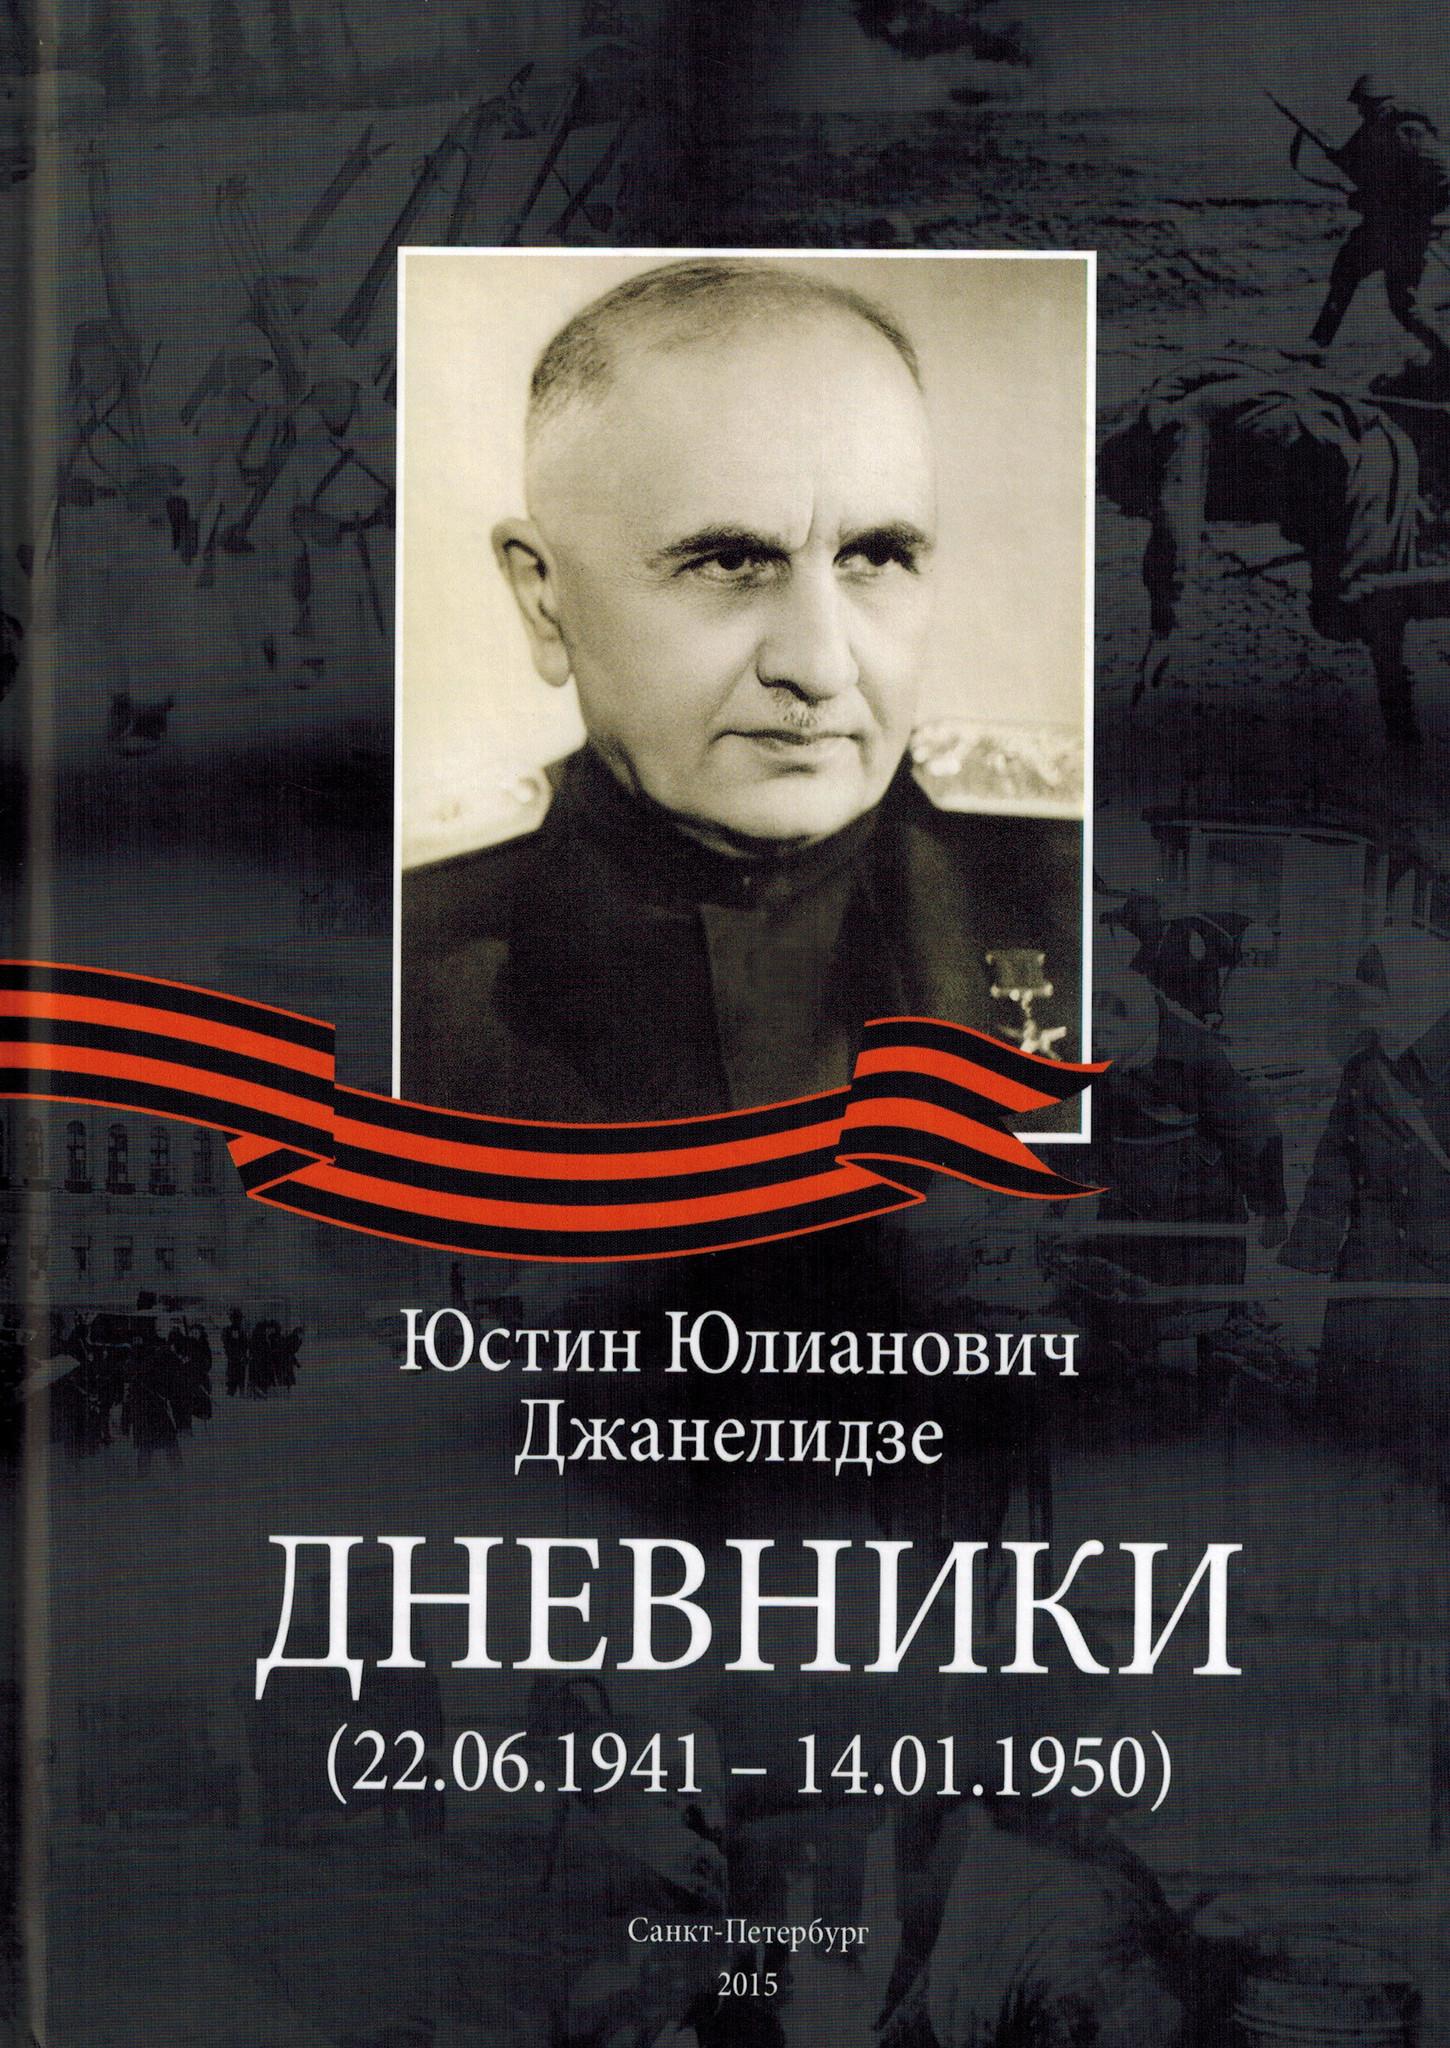 Каталог Дневники. Юстин Юлианович Джанелидзе (22.06.1941-14.01.1950) dd_0002.jpg